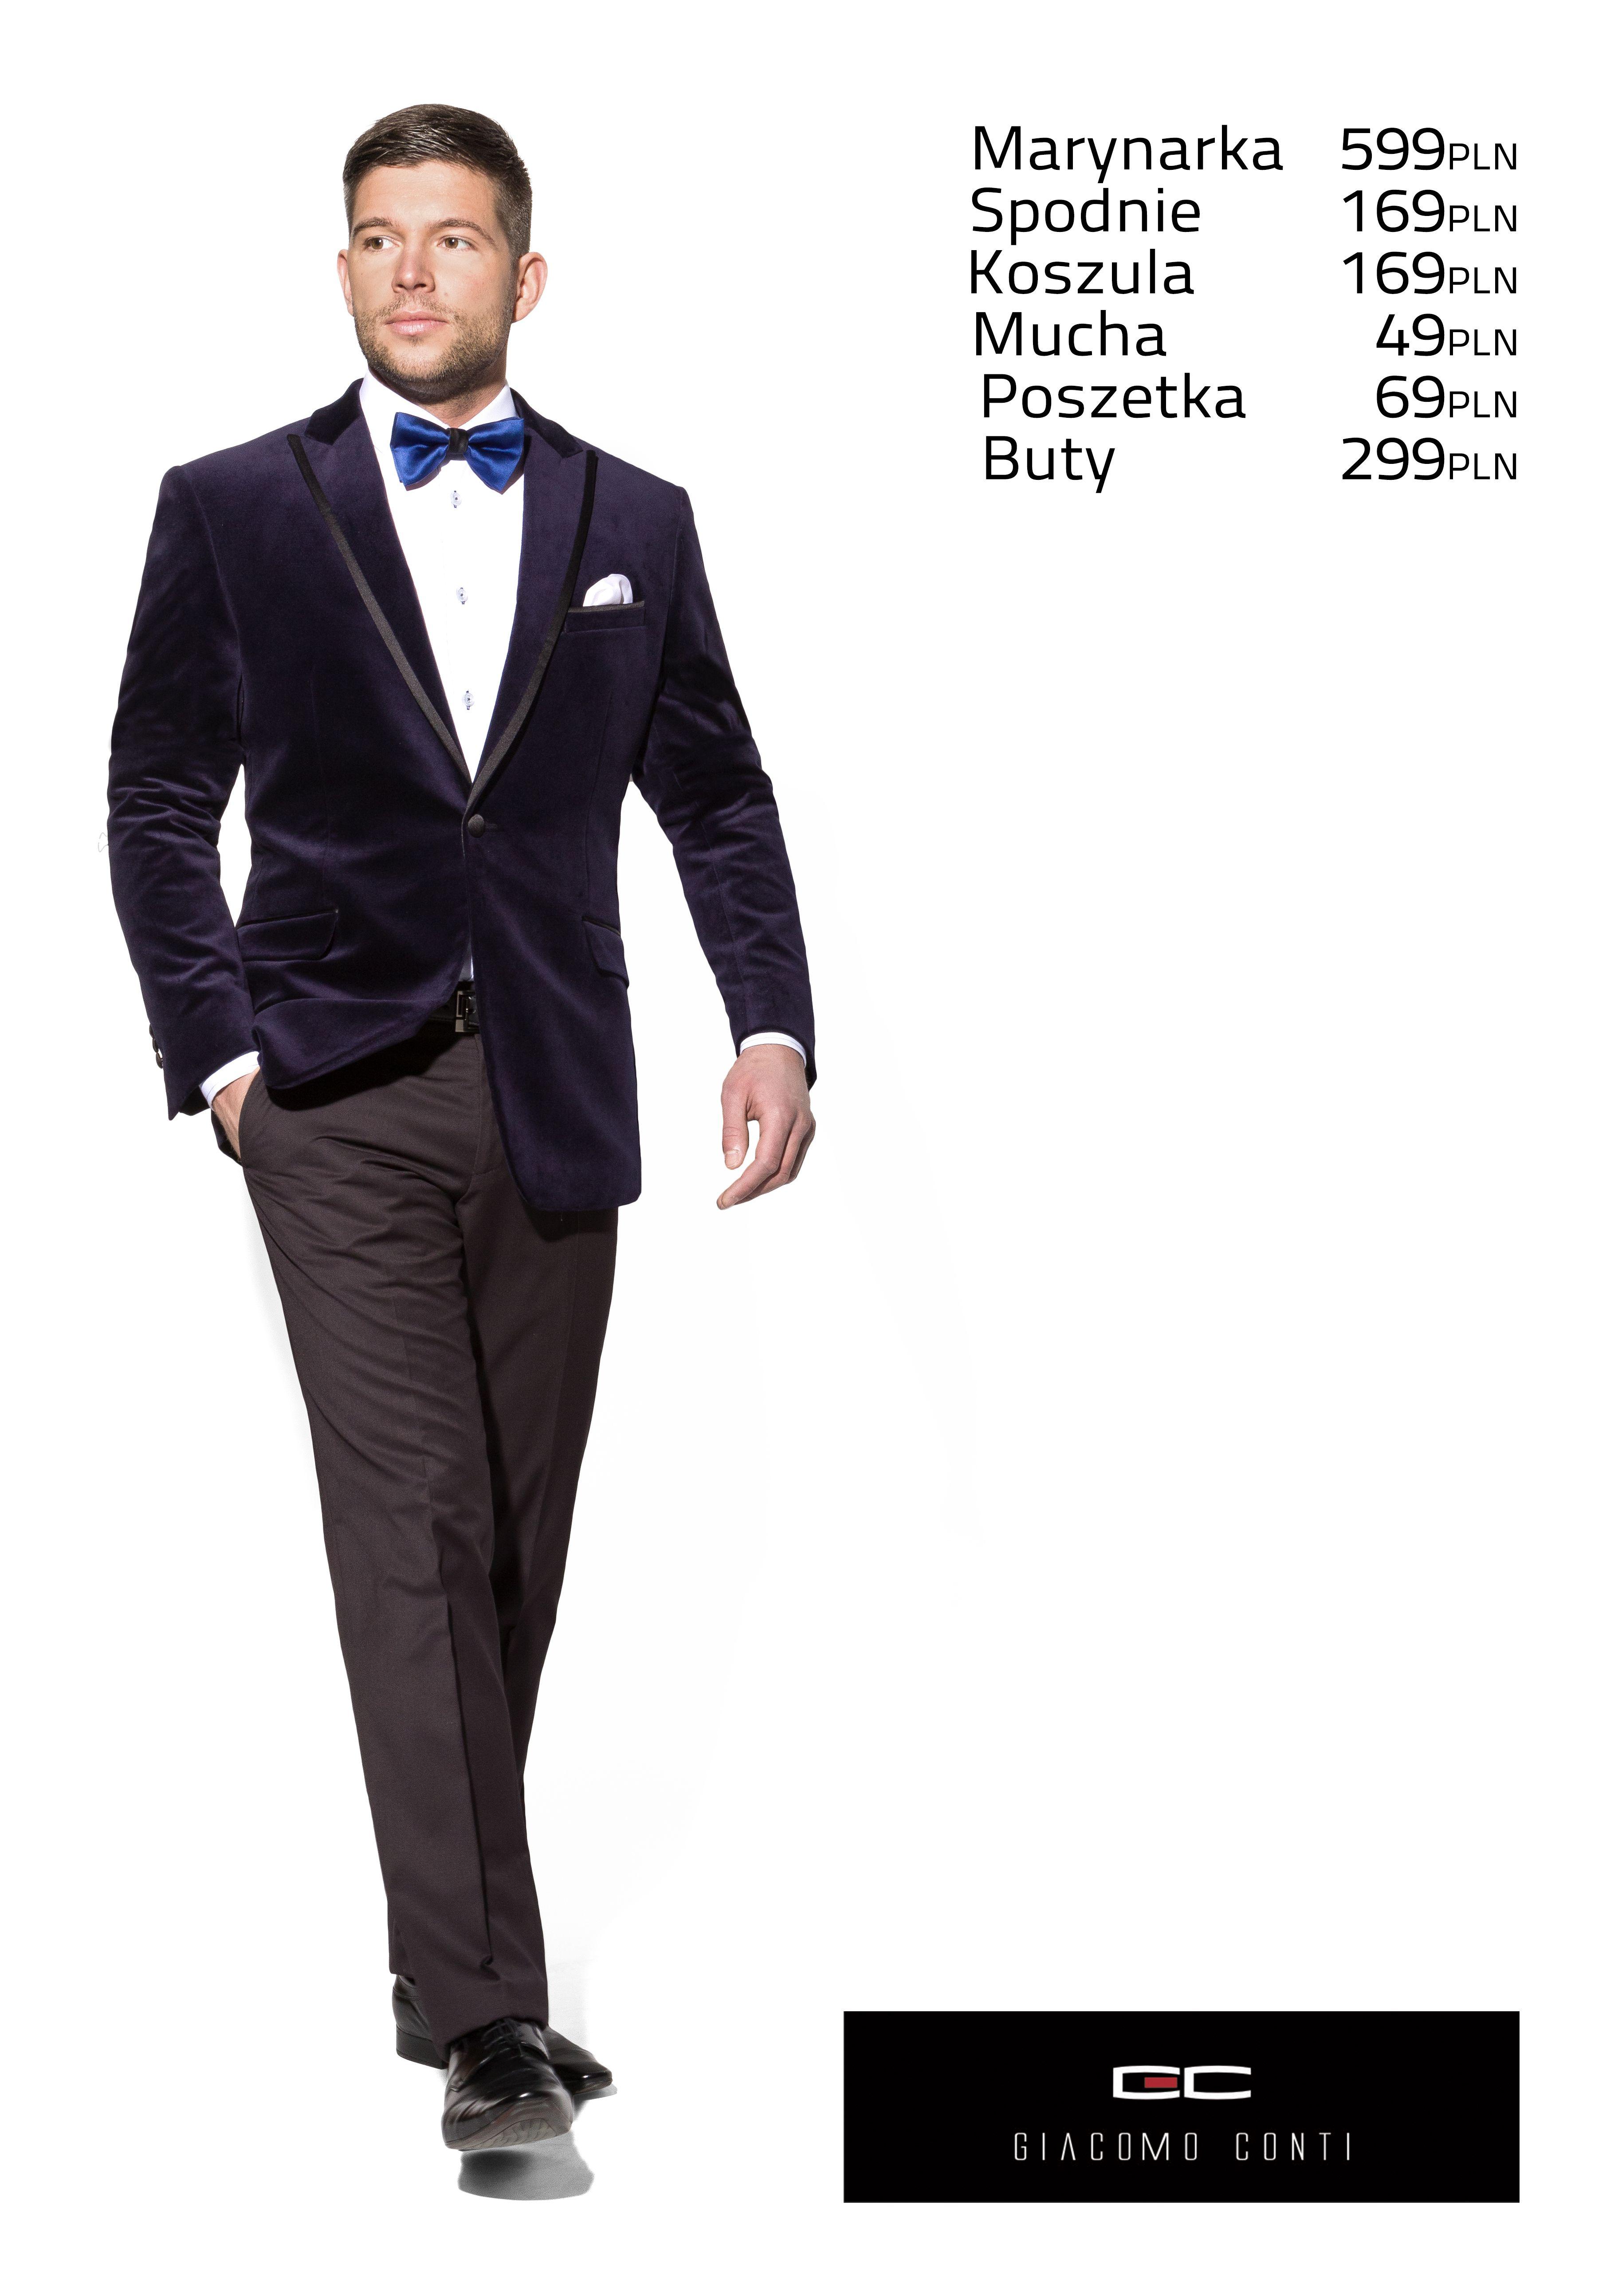 Stylizacja Giacomo Conti Na Karnawal Aksamitna Granatowa Marynarka Valerio E13 48b Biala Koszula Michele 13 08 08 Oraz Spodnie Fab Jackets Suit Jacket Suits